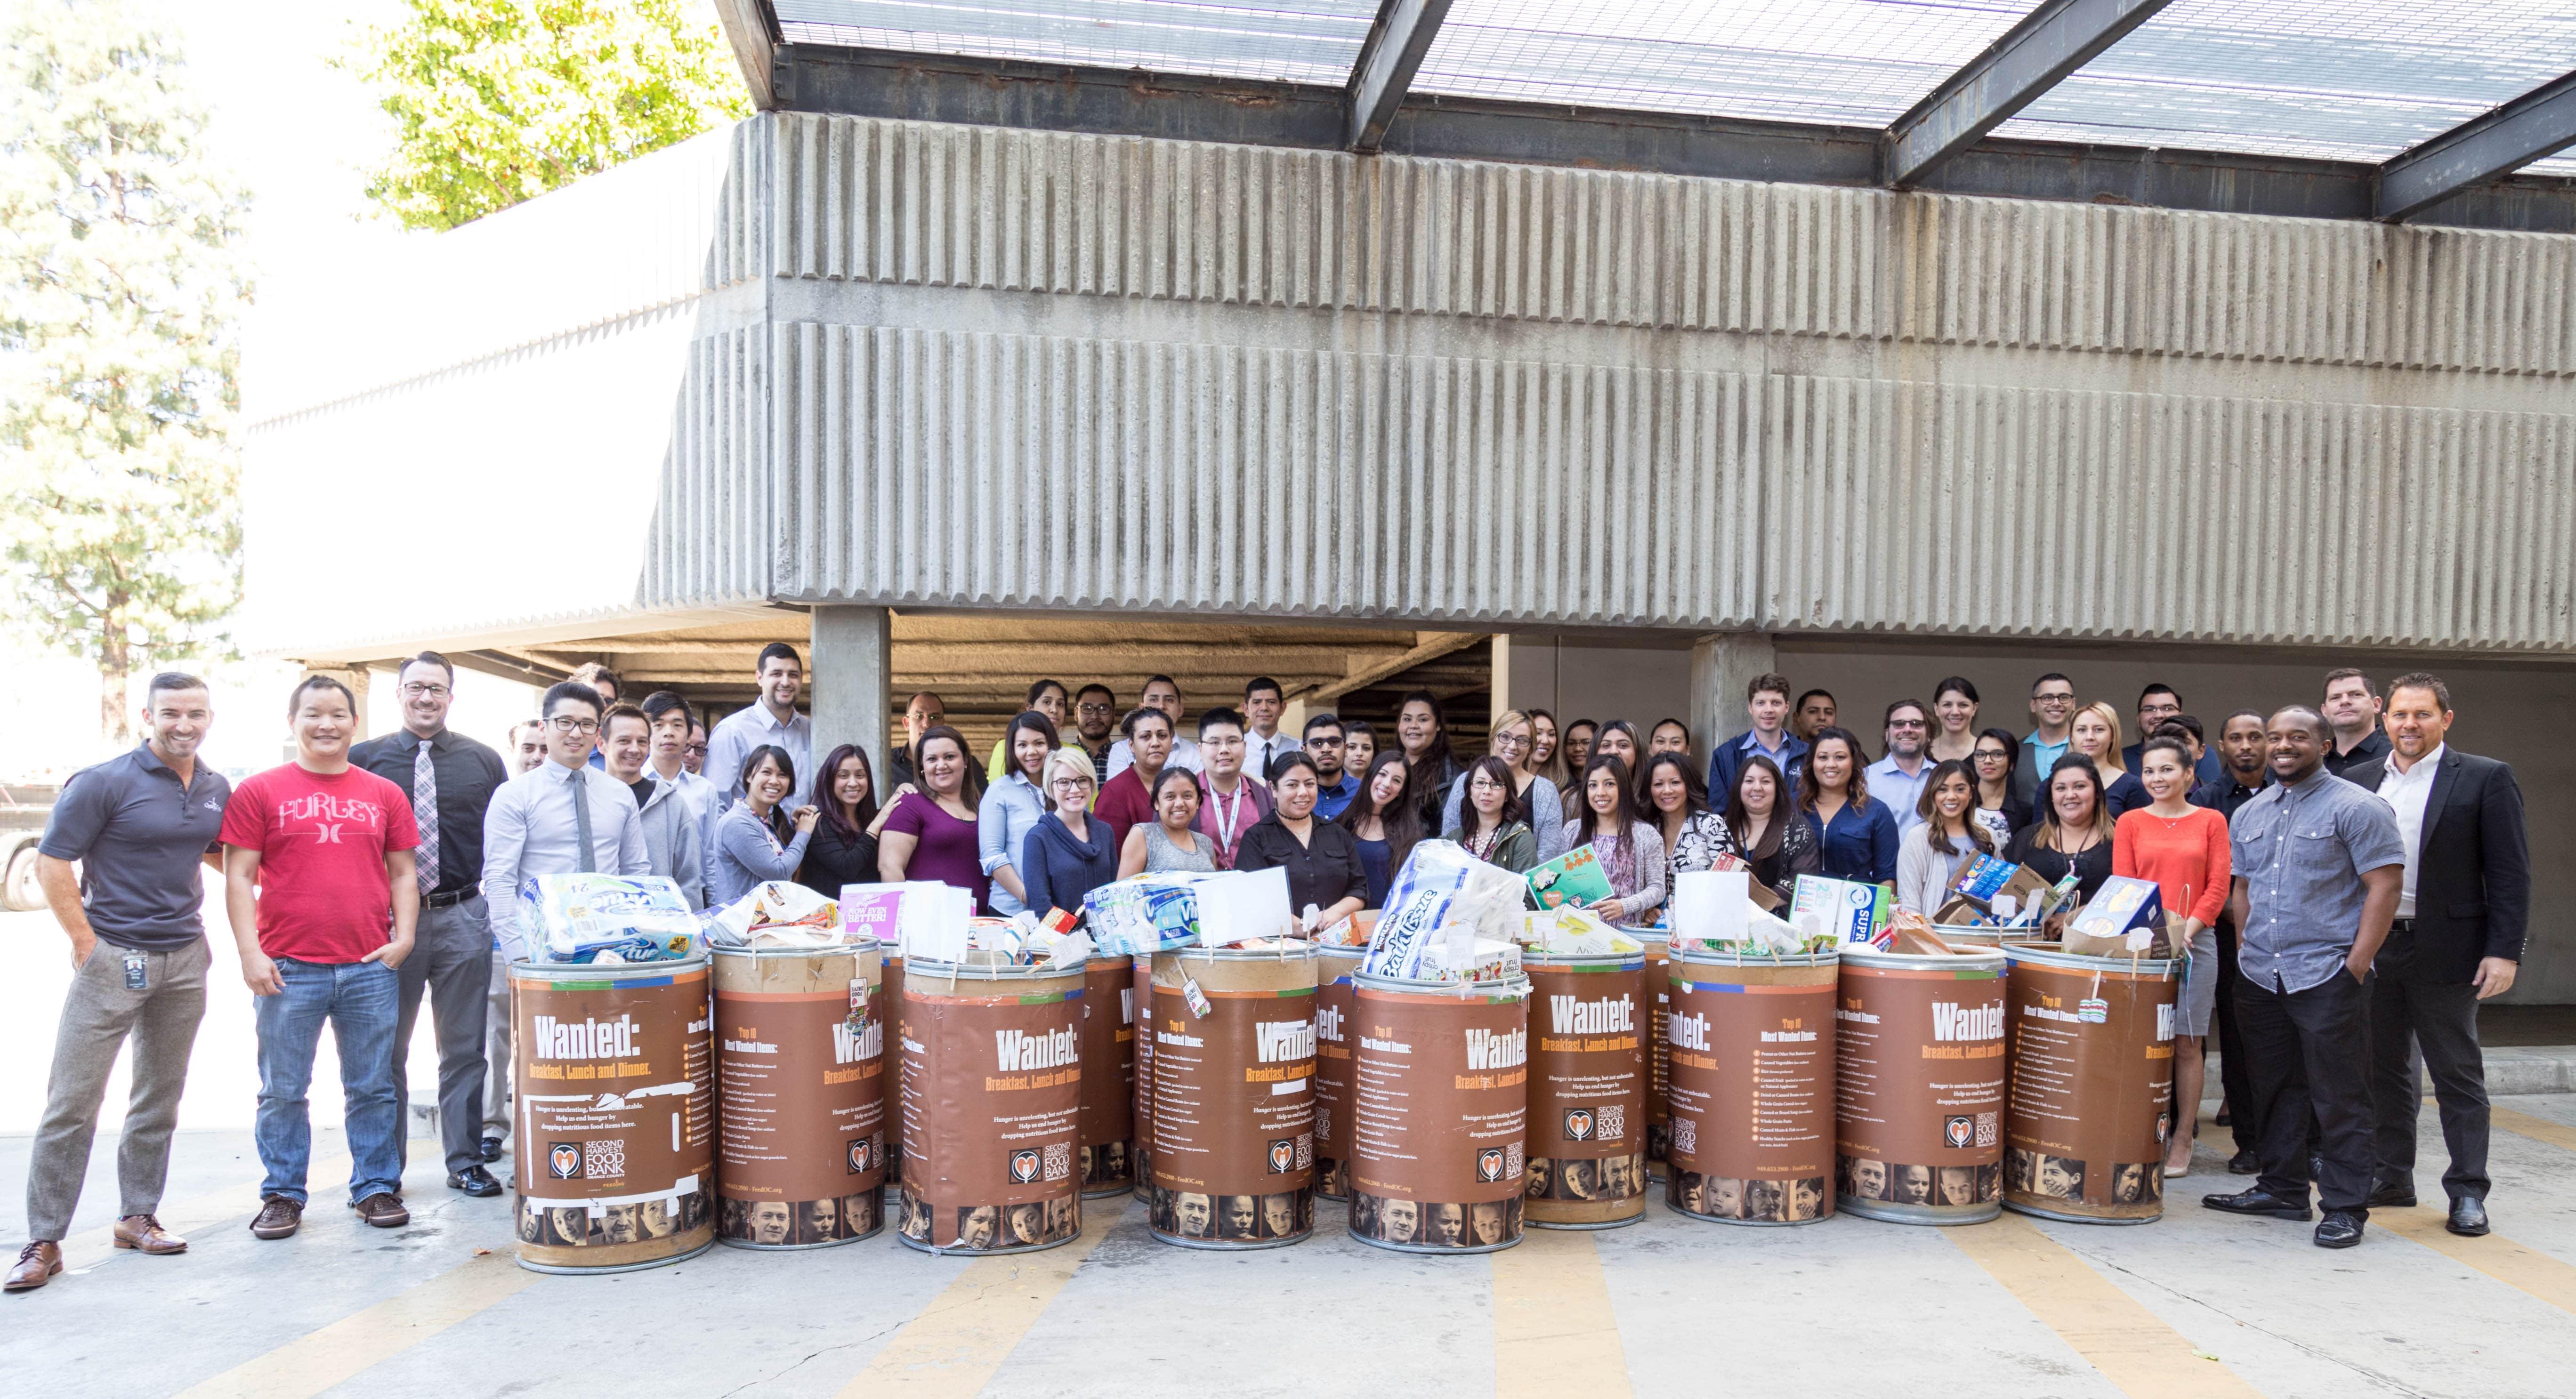 big group photo at facility